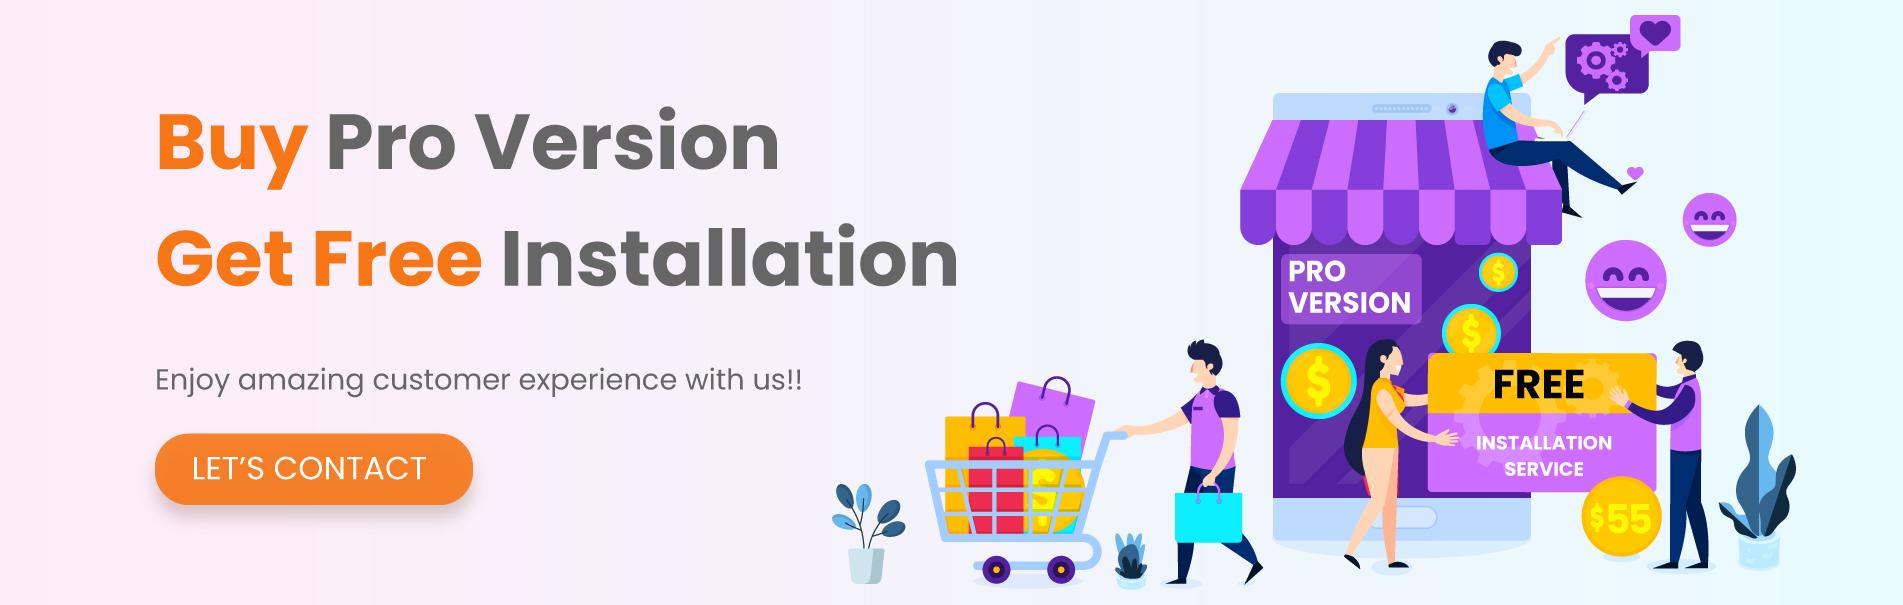 Get Free Installation